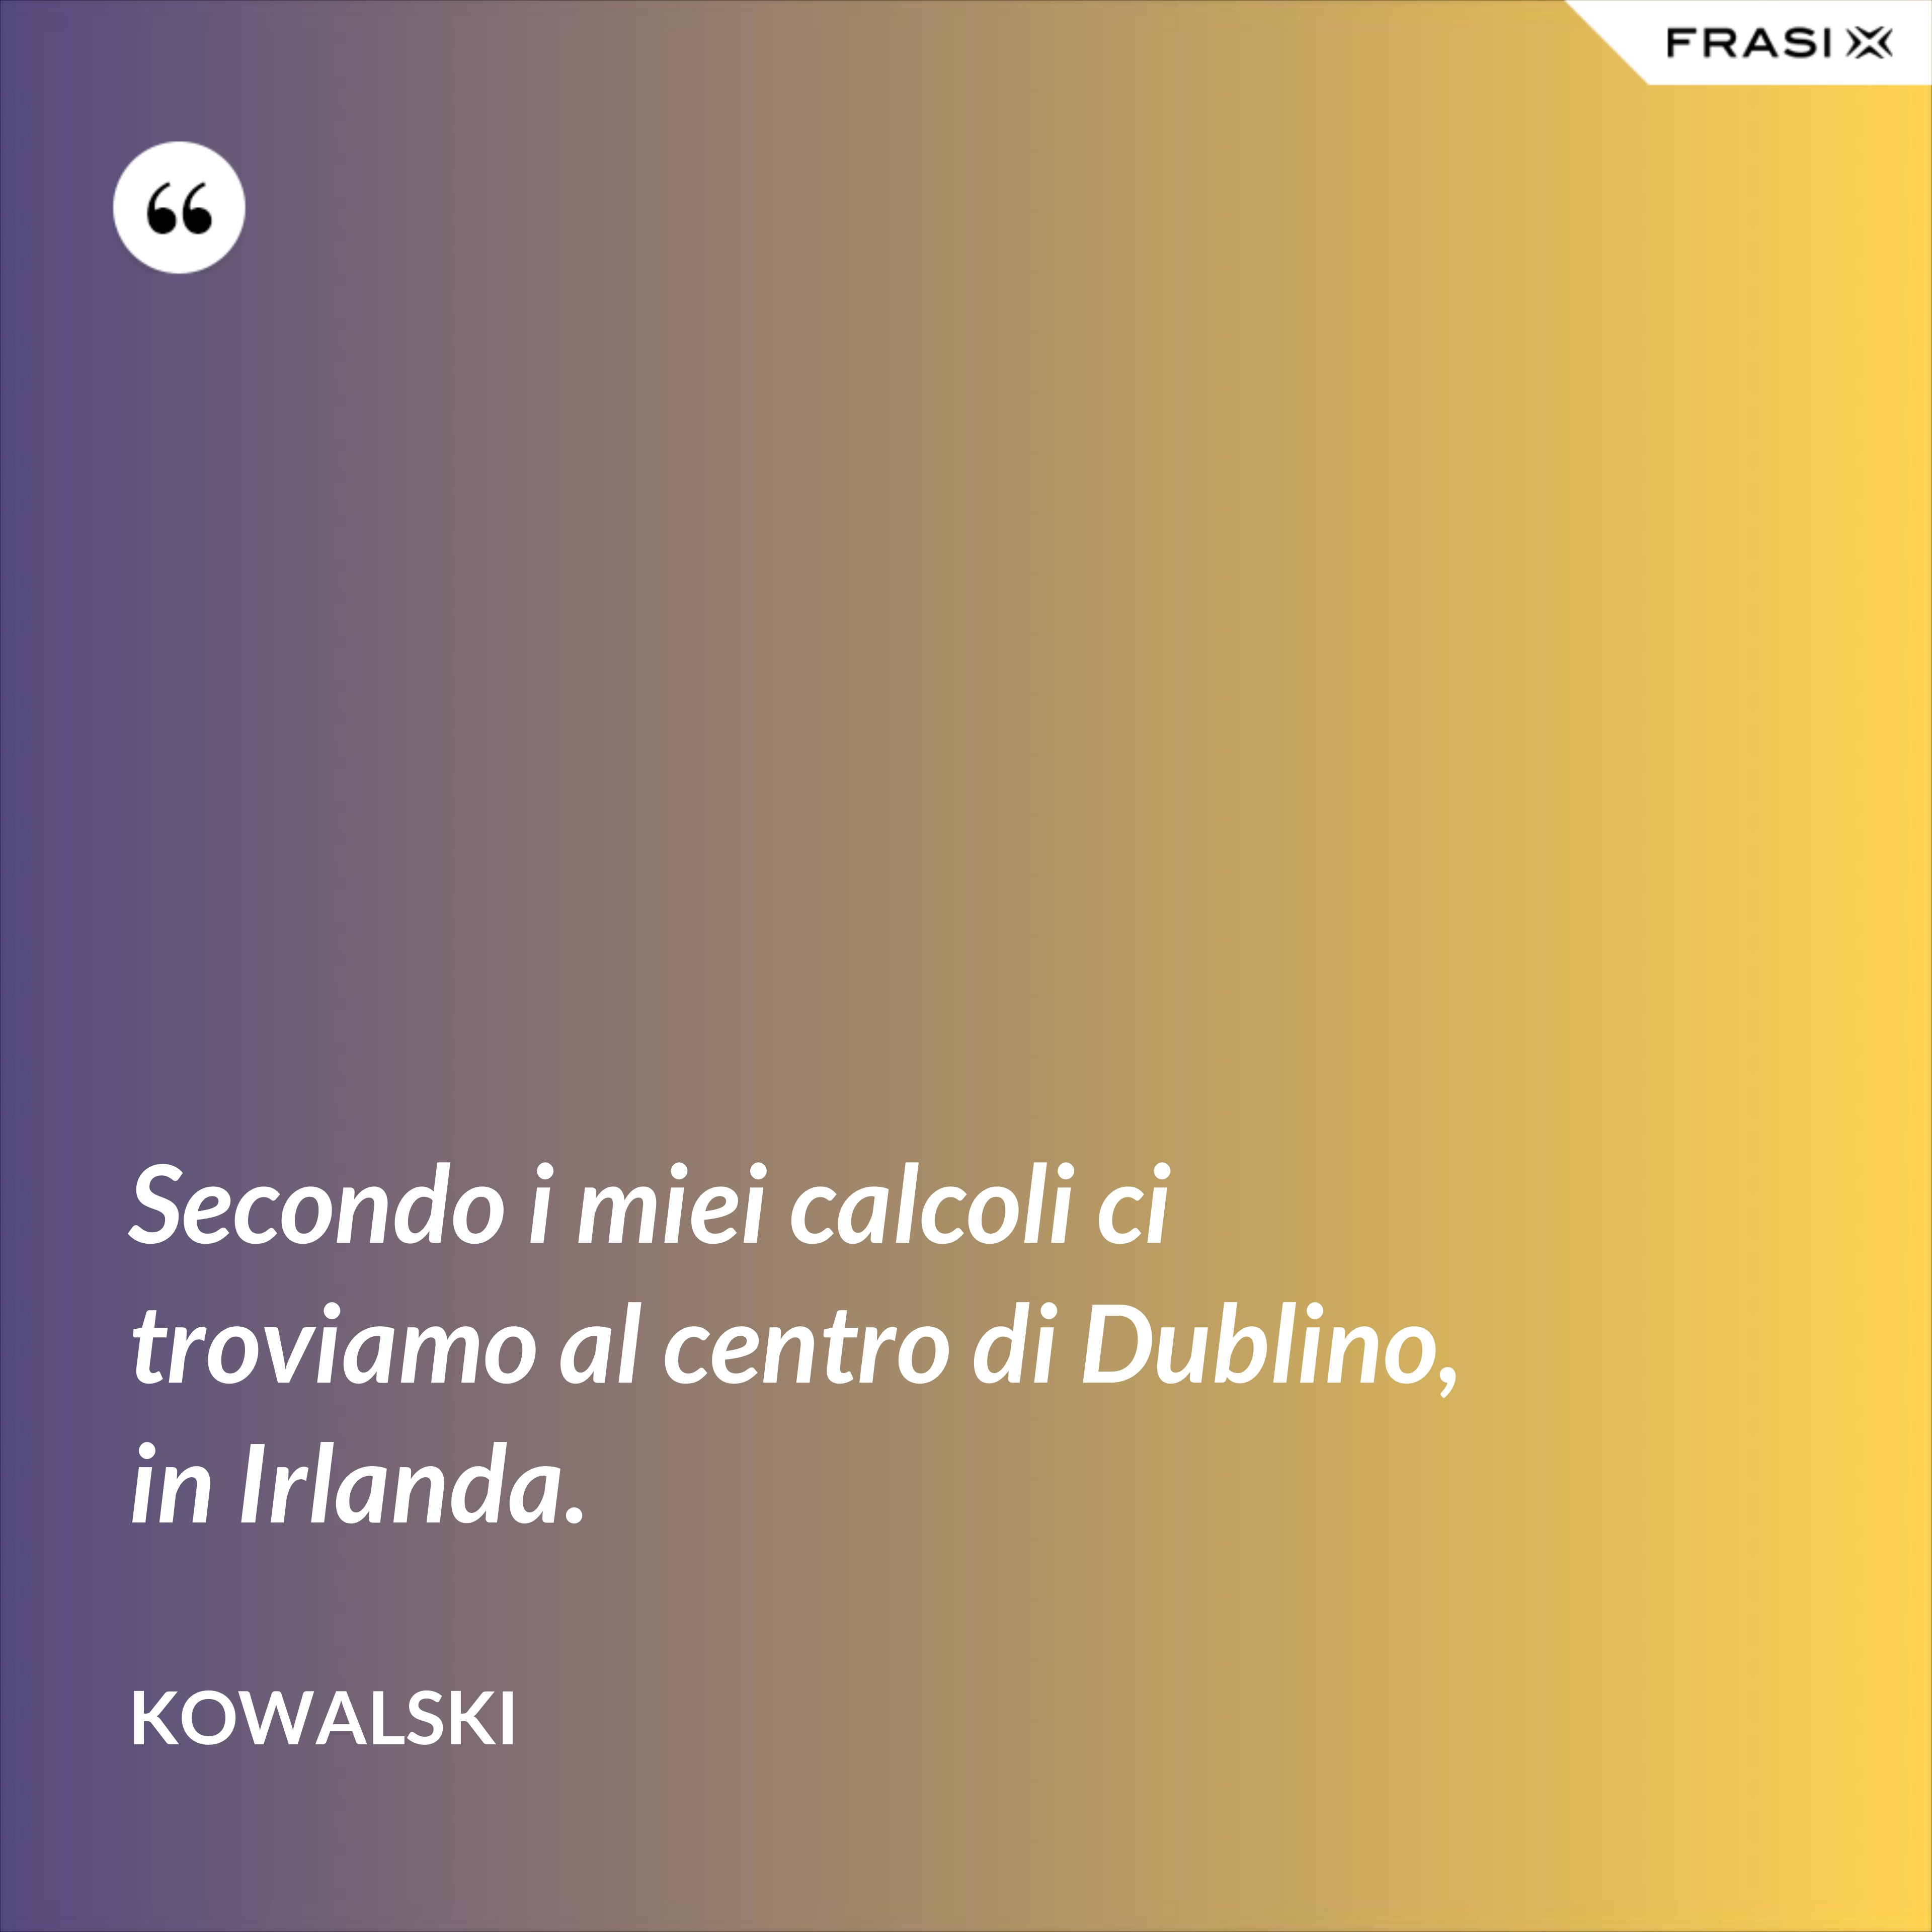 Secondo i miei calcoli ci troviamo al centro di Dublino, in Irlanda. - Kowalski